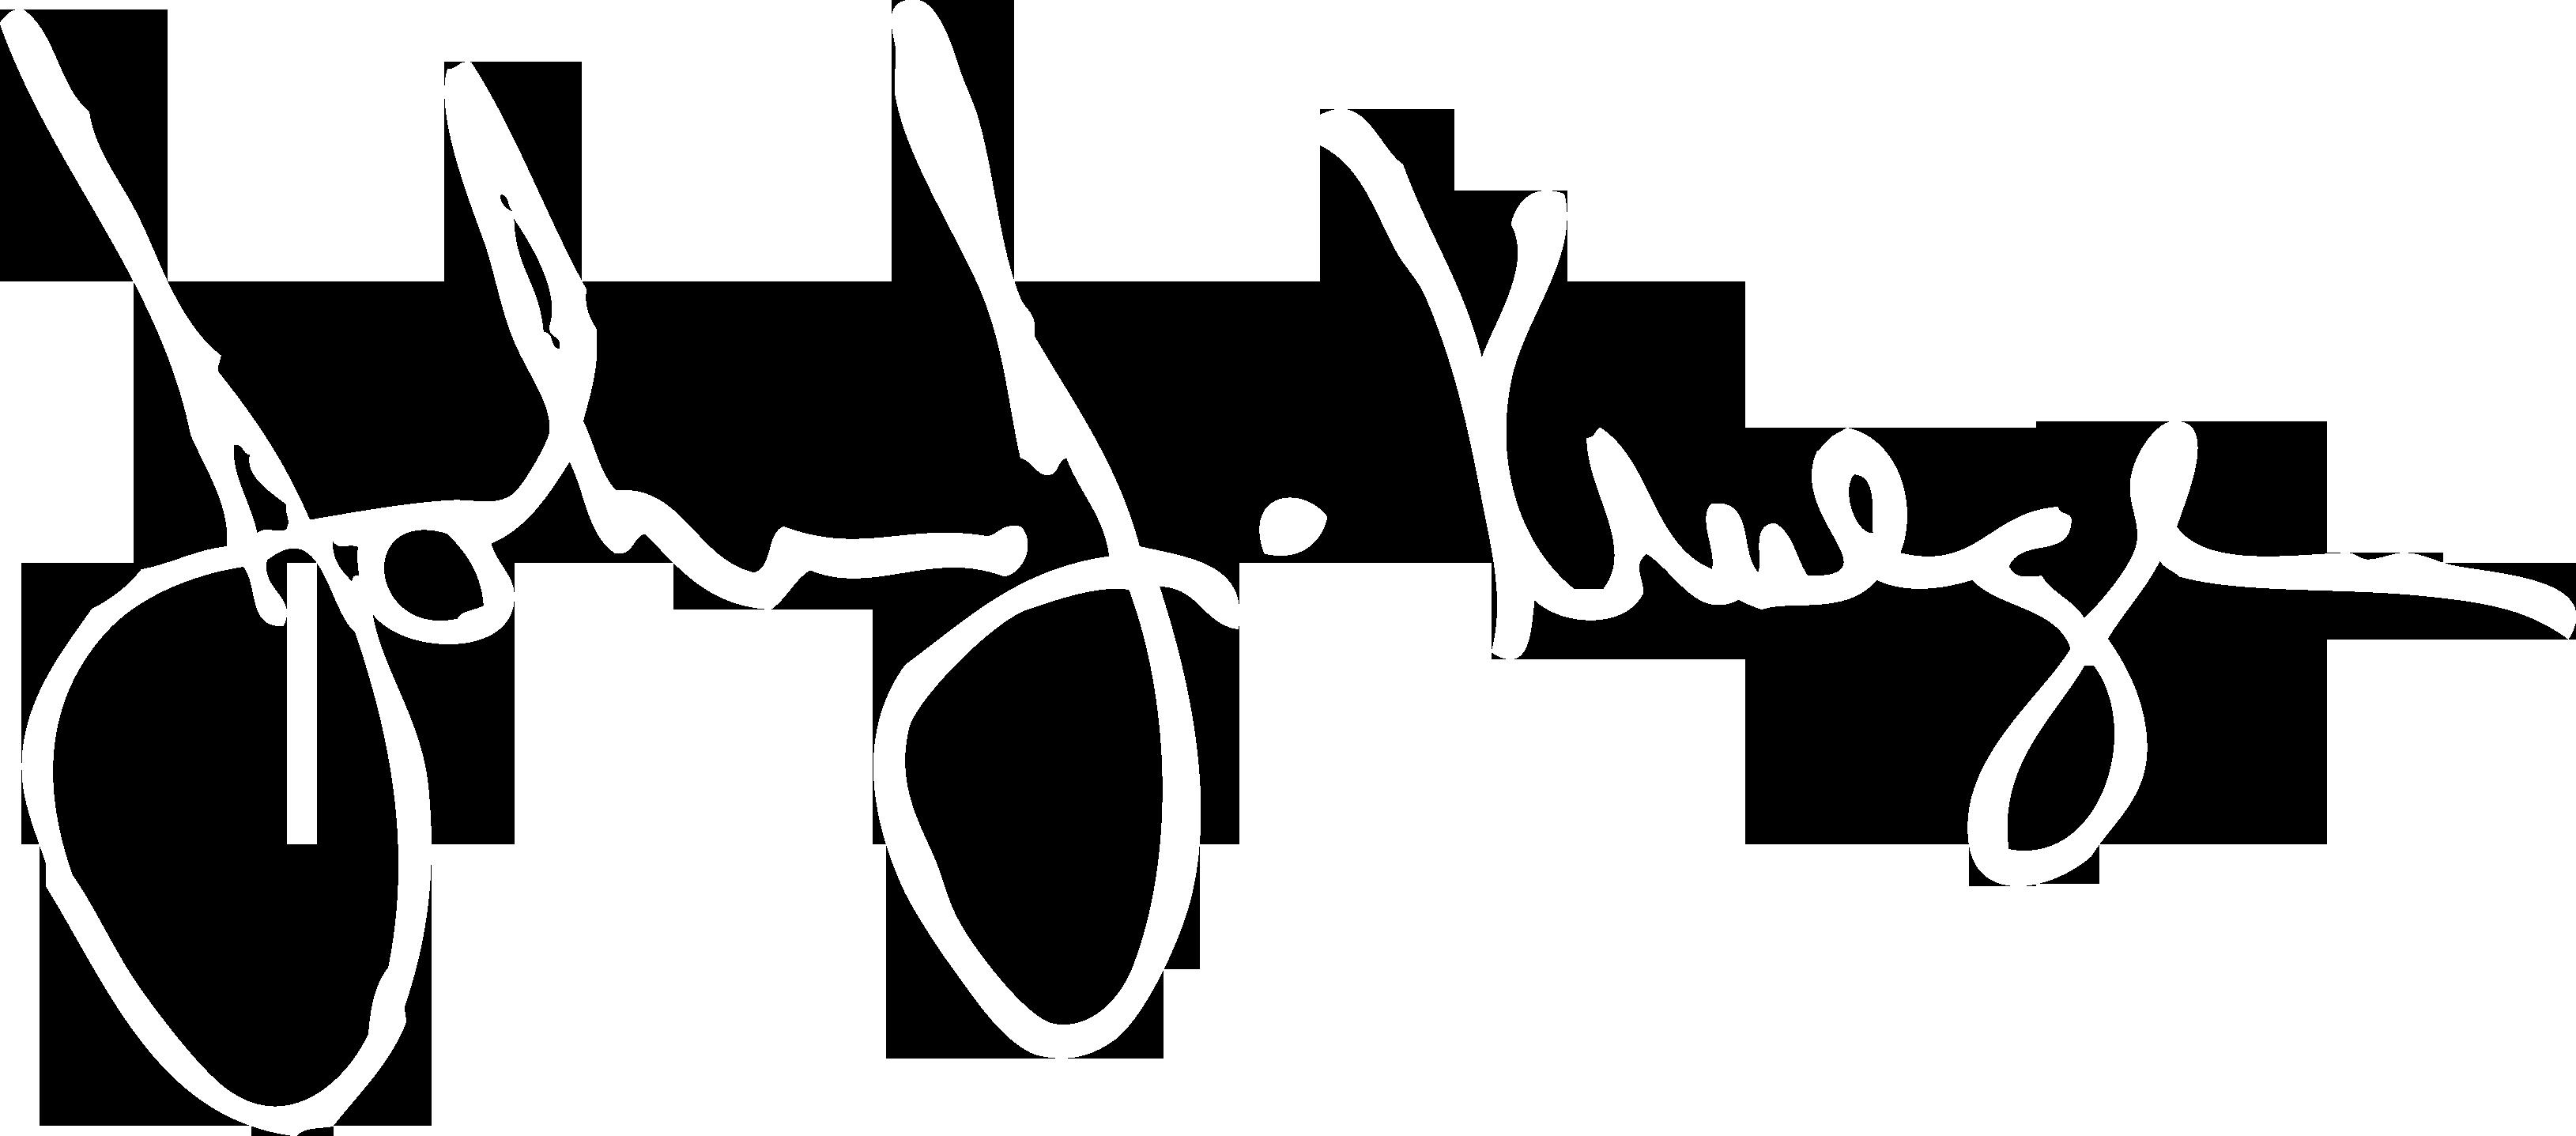 John J Krueger